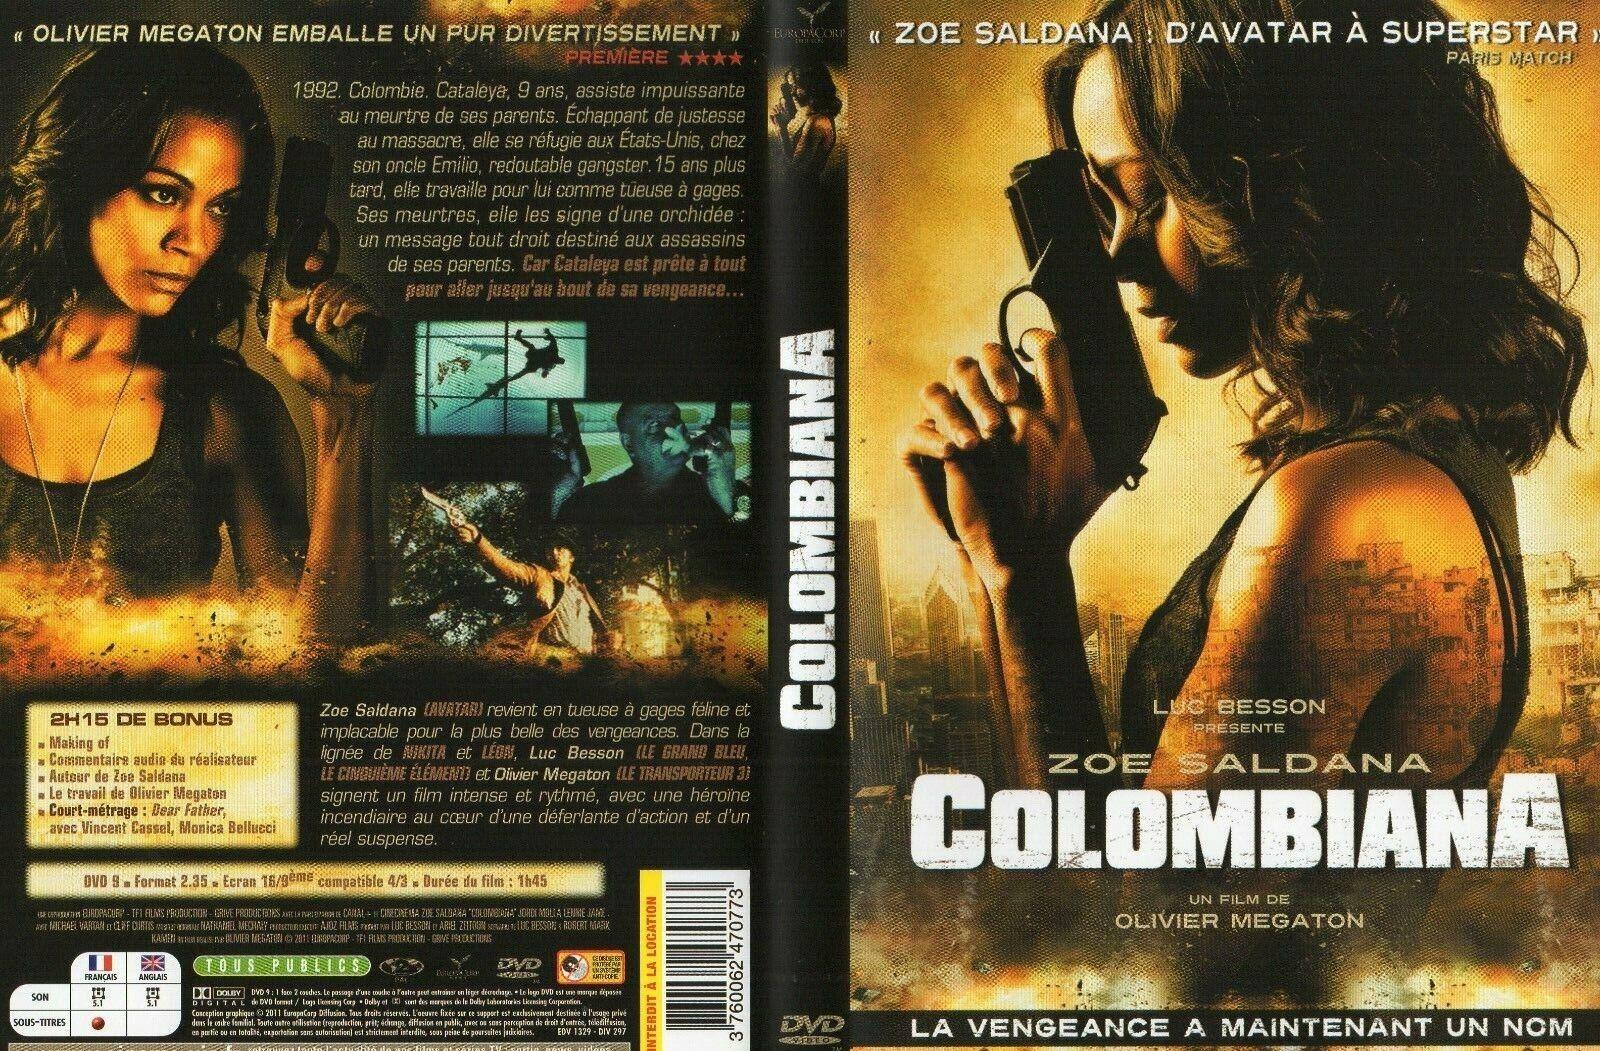 DVD - COLOMBIANA, film de LUC BESSON